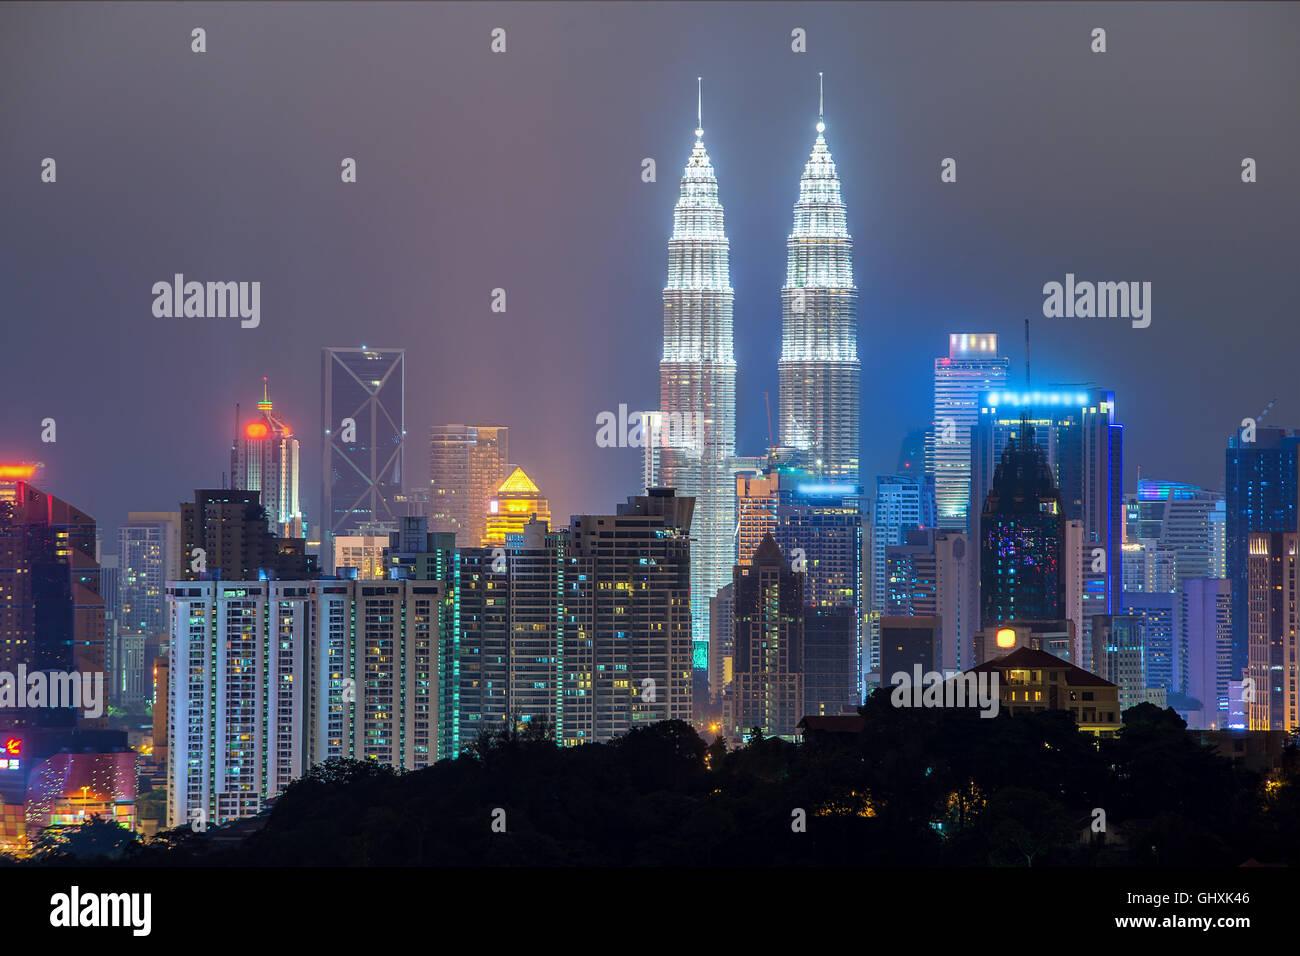 Kuala Lumpur skyline in night, Kuala Lumpur, Malaysia Stock Photo